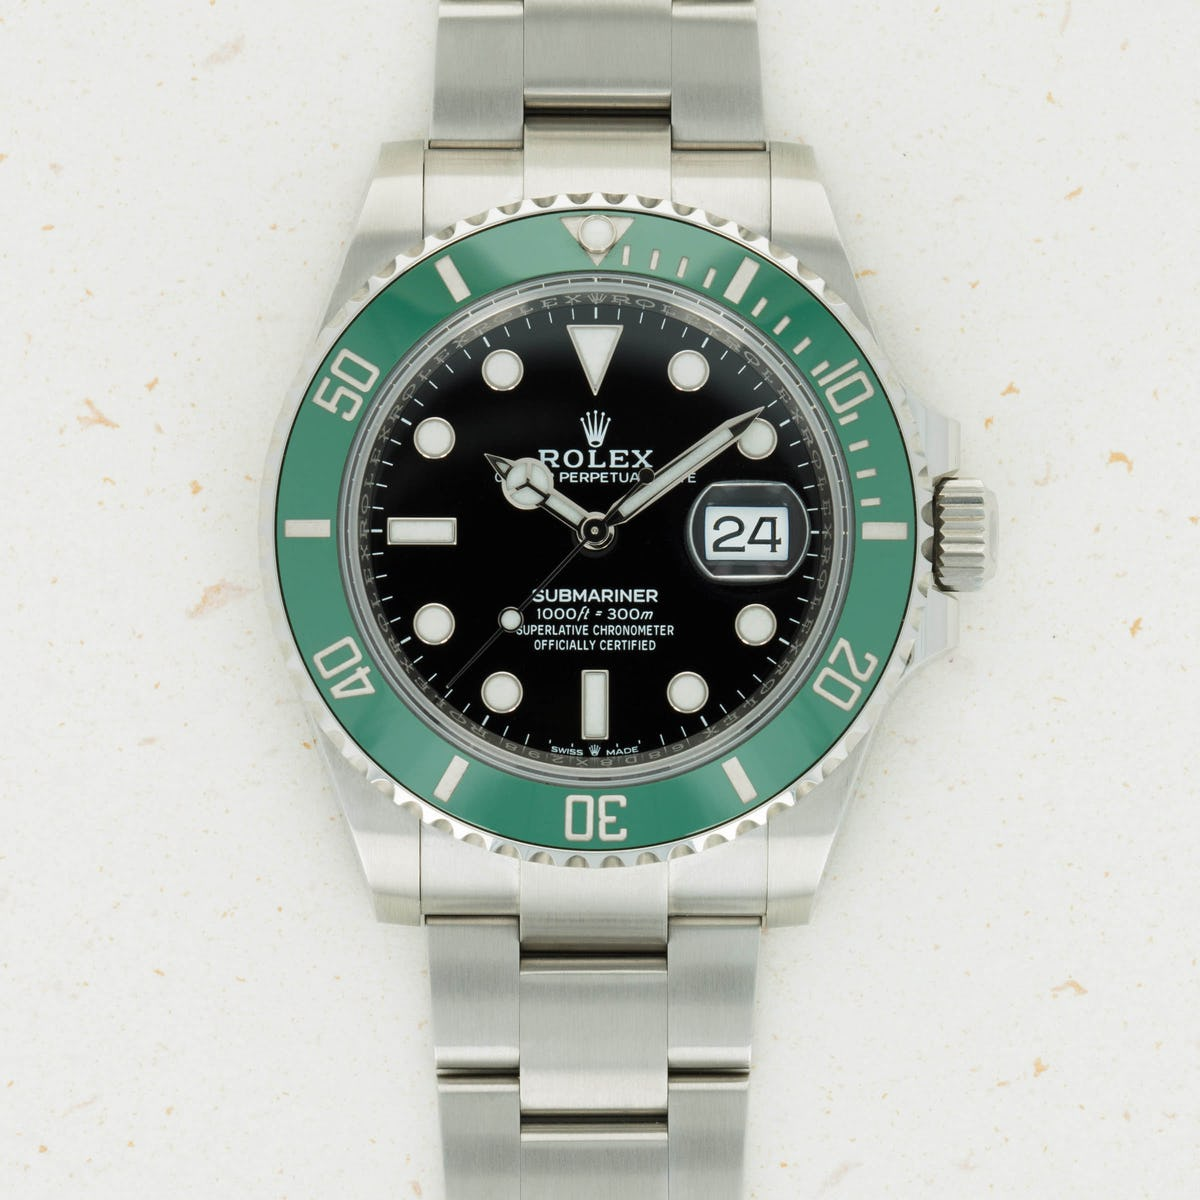 Thumbnail for Rolex Submariner Date Starbucks 126610LV